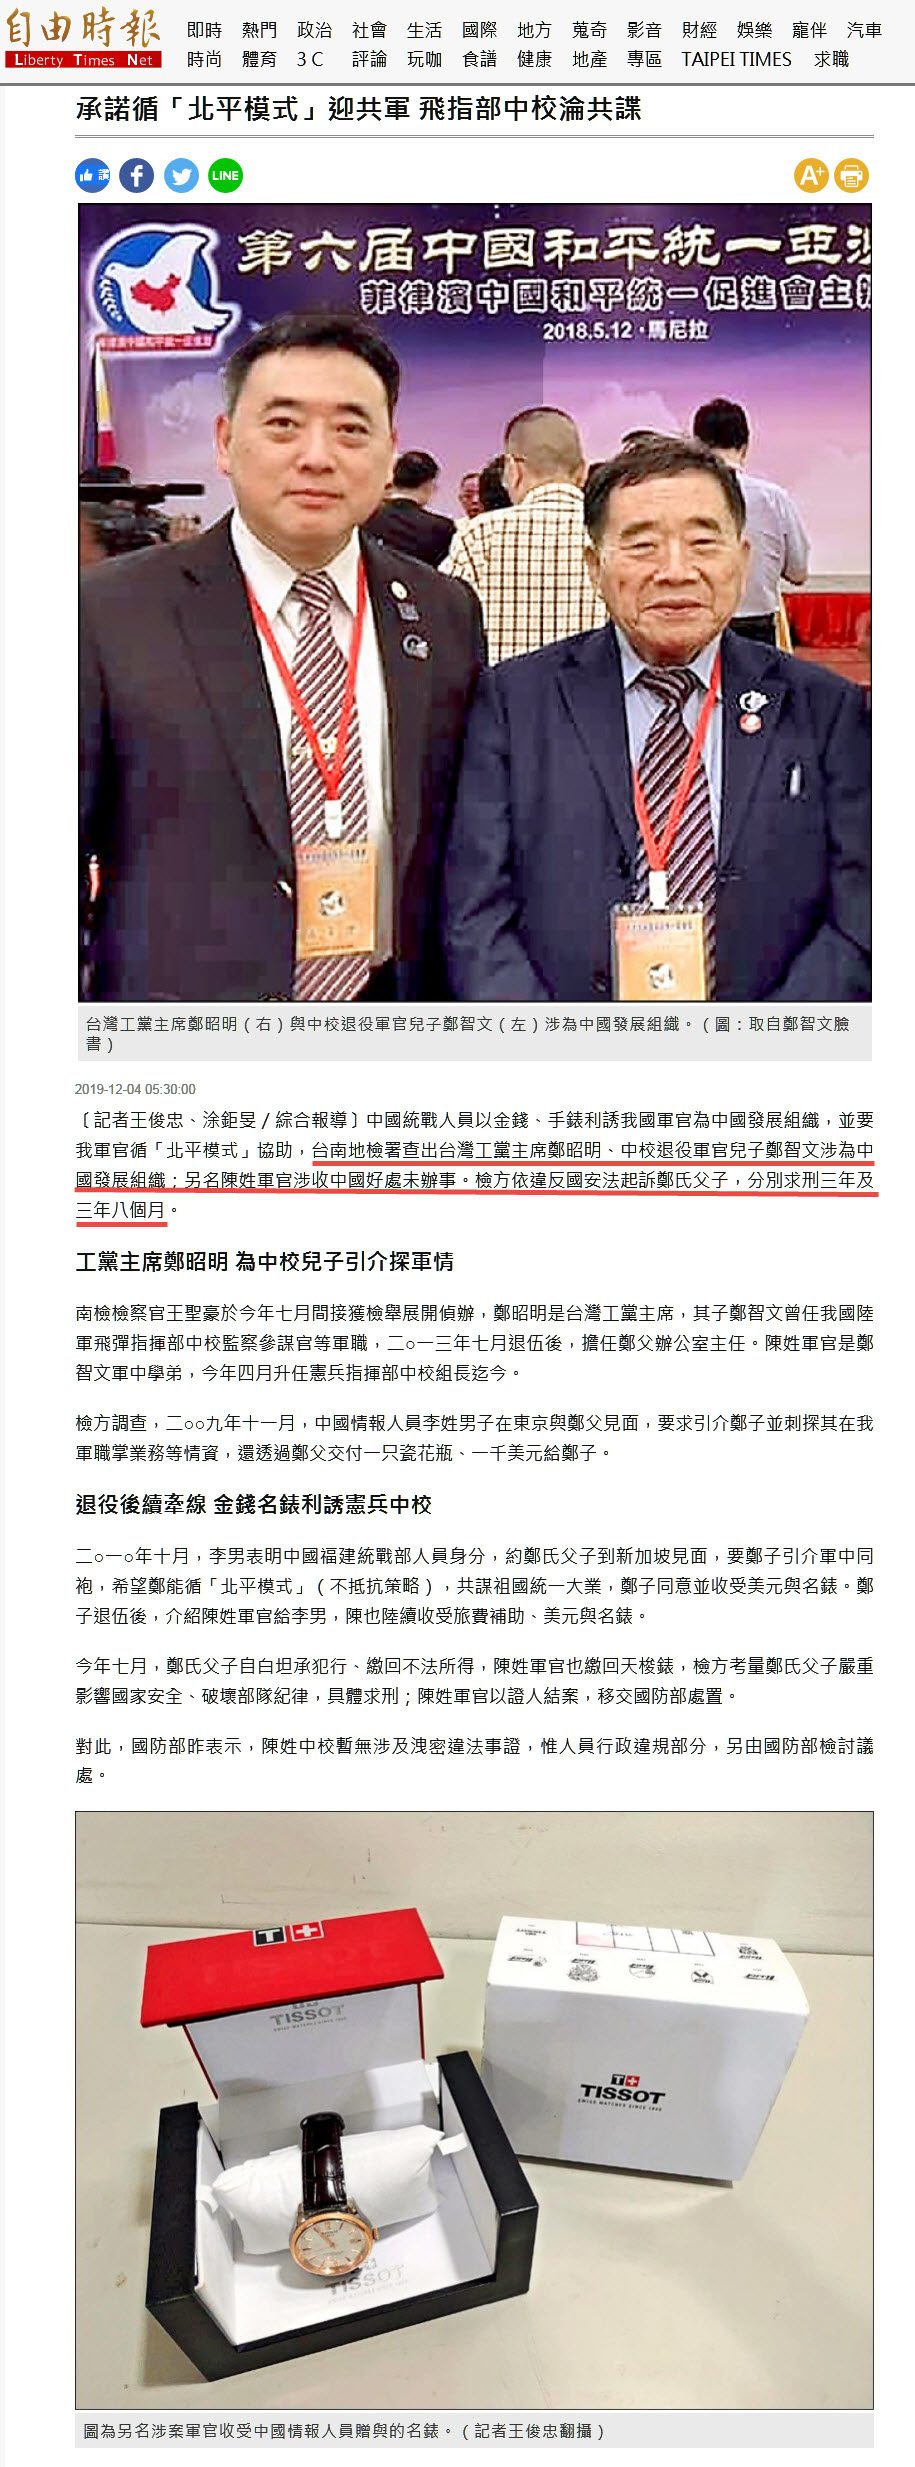 承諾循「北平模式」迎共軍 飛指部中校淪共諜-2019.12.04.jpg